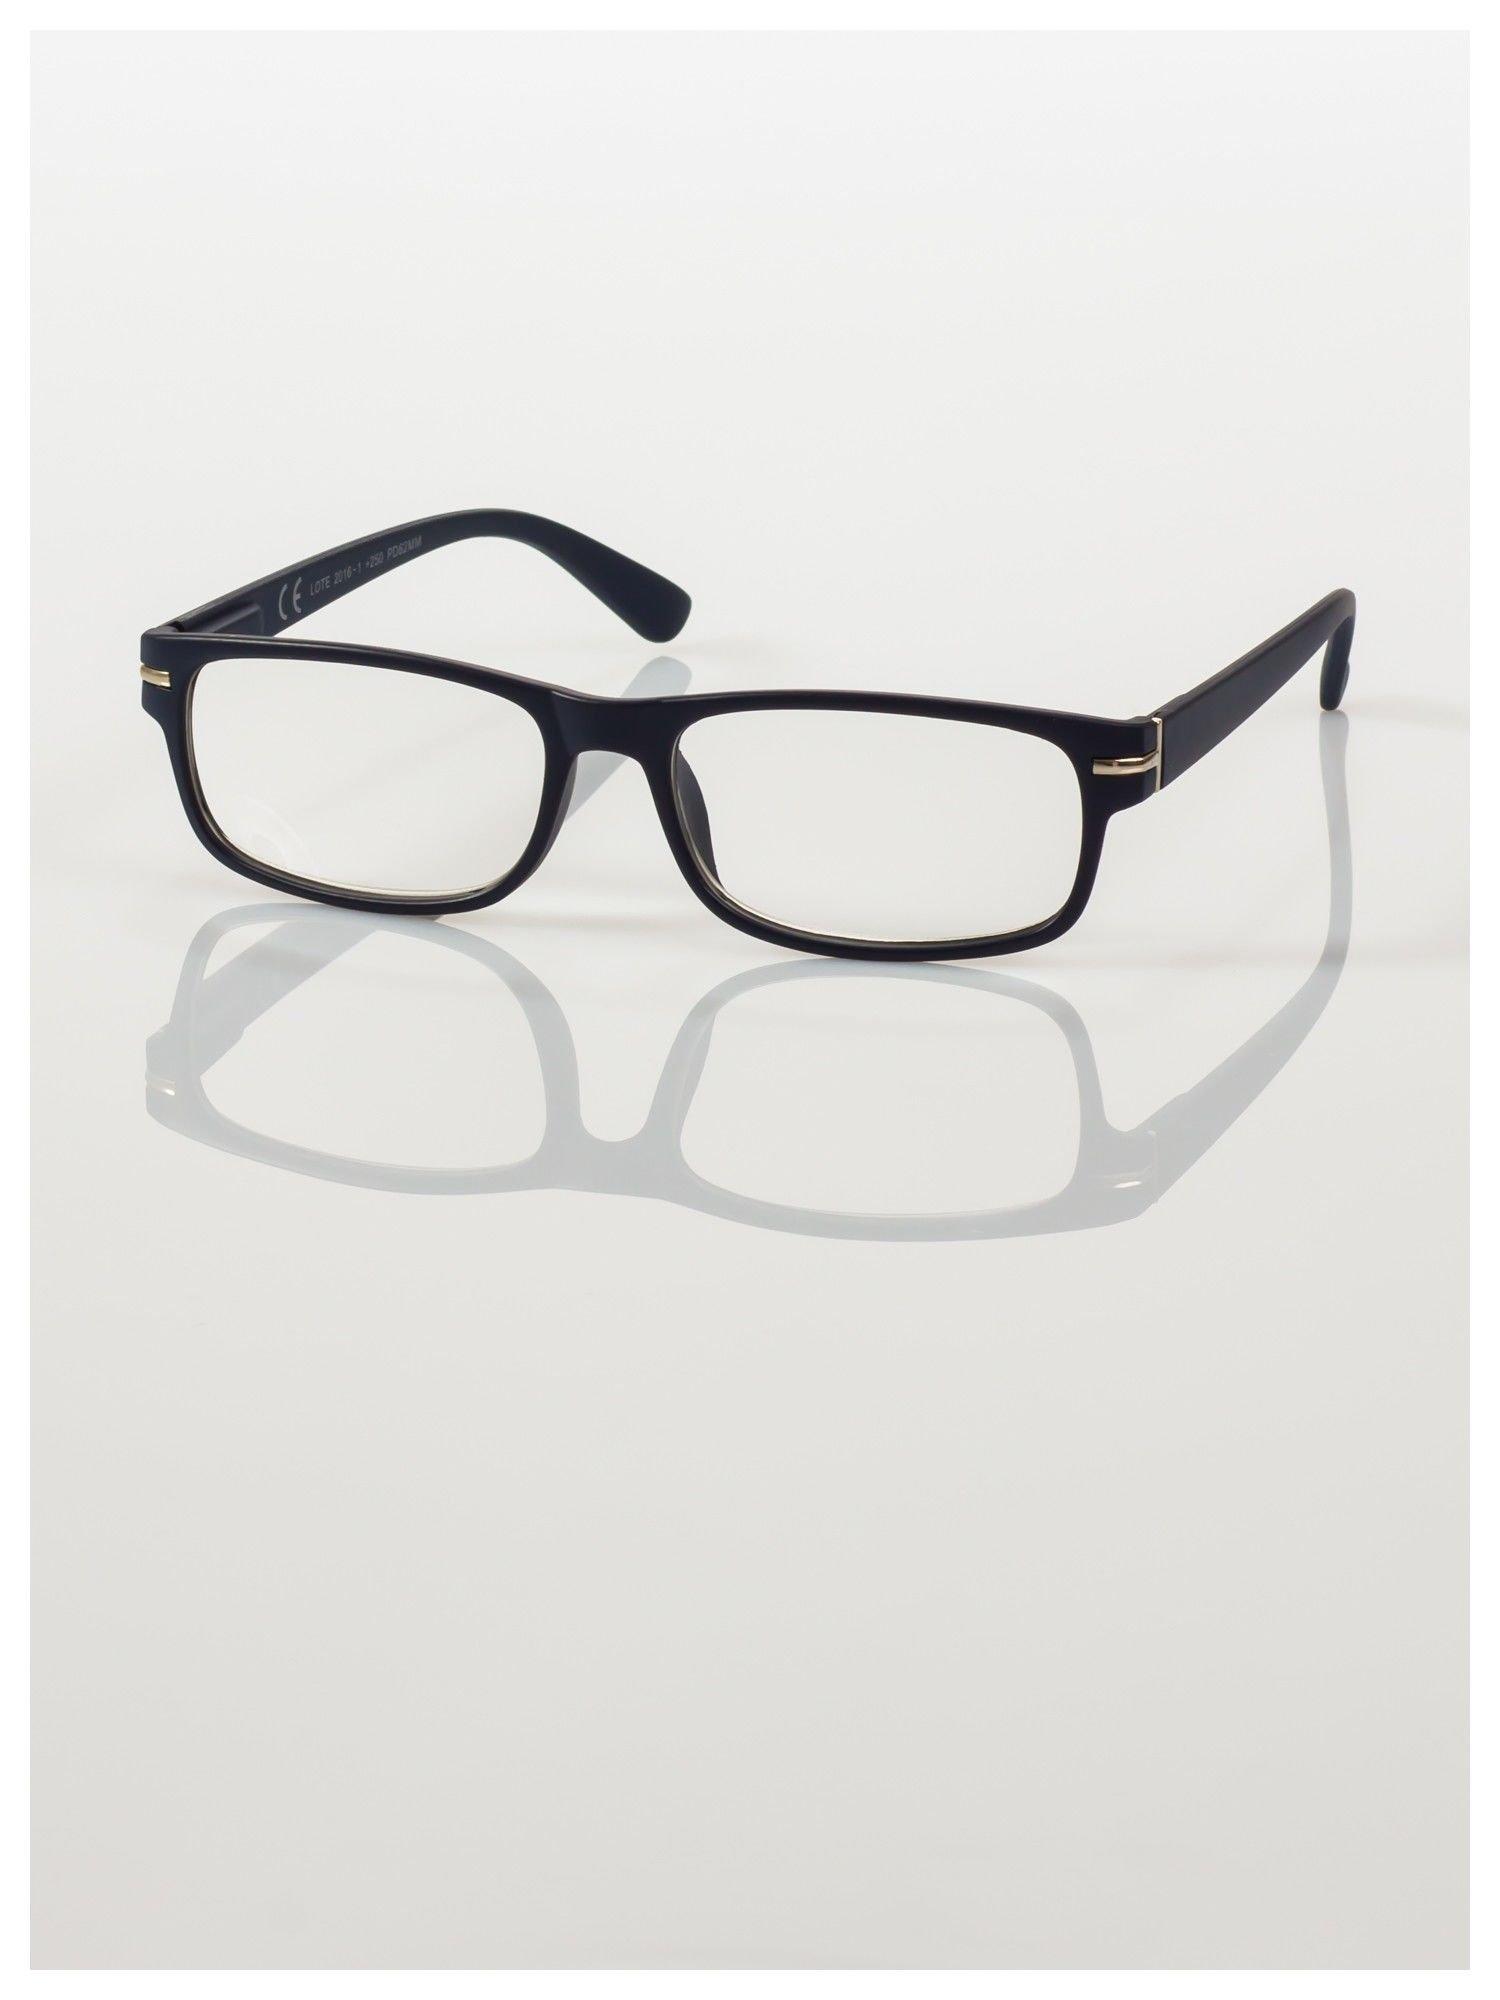 Eleganckie granatowe matowe korekcyjne okulary do czytania +2.0 D  z sytemem FLEX na zausznikach                                  zdj.                                  2